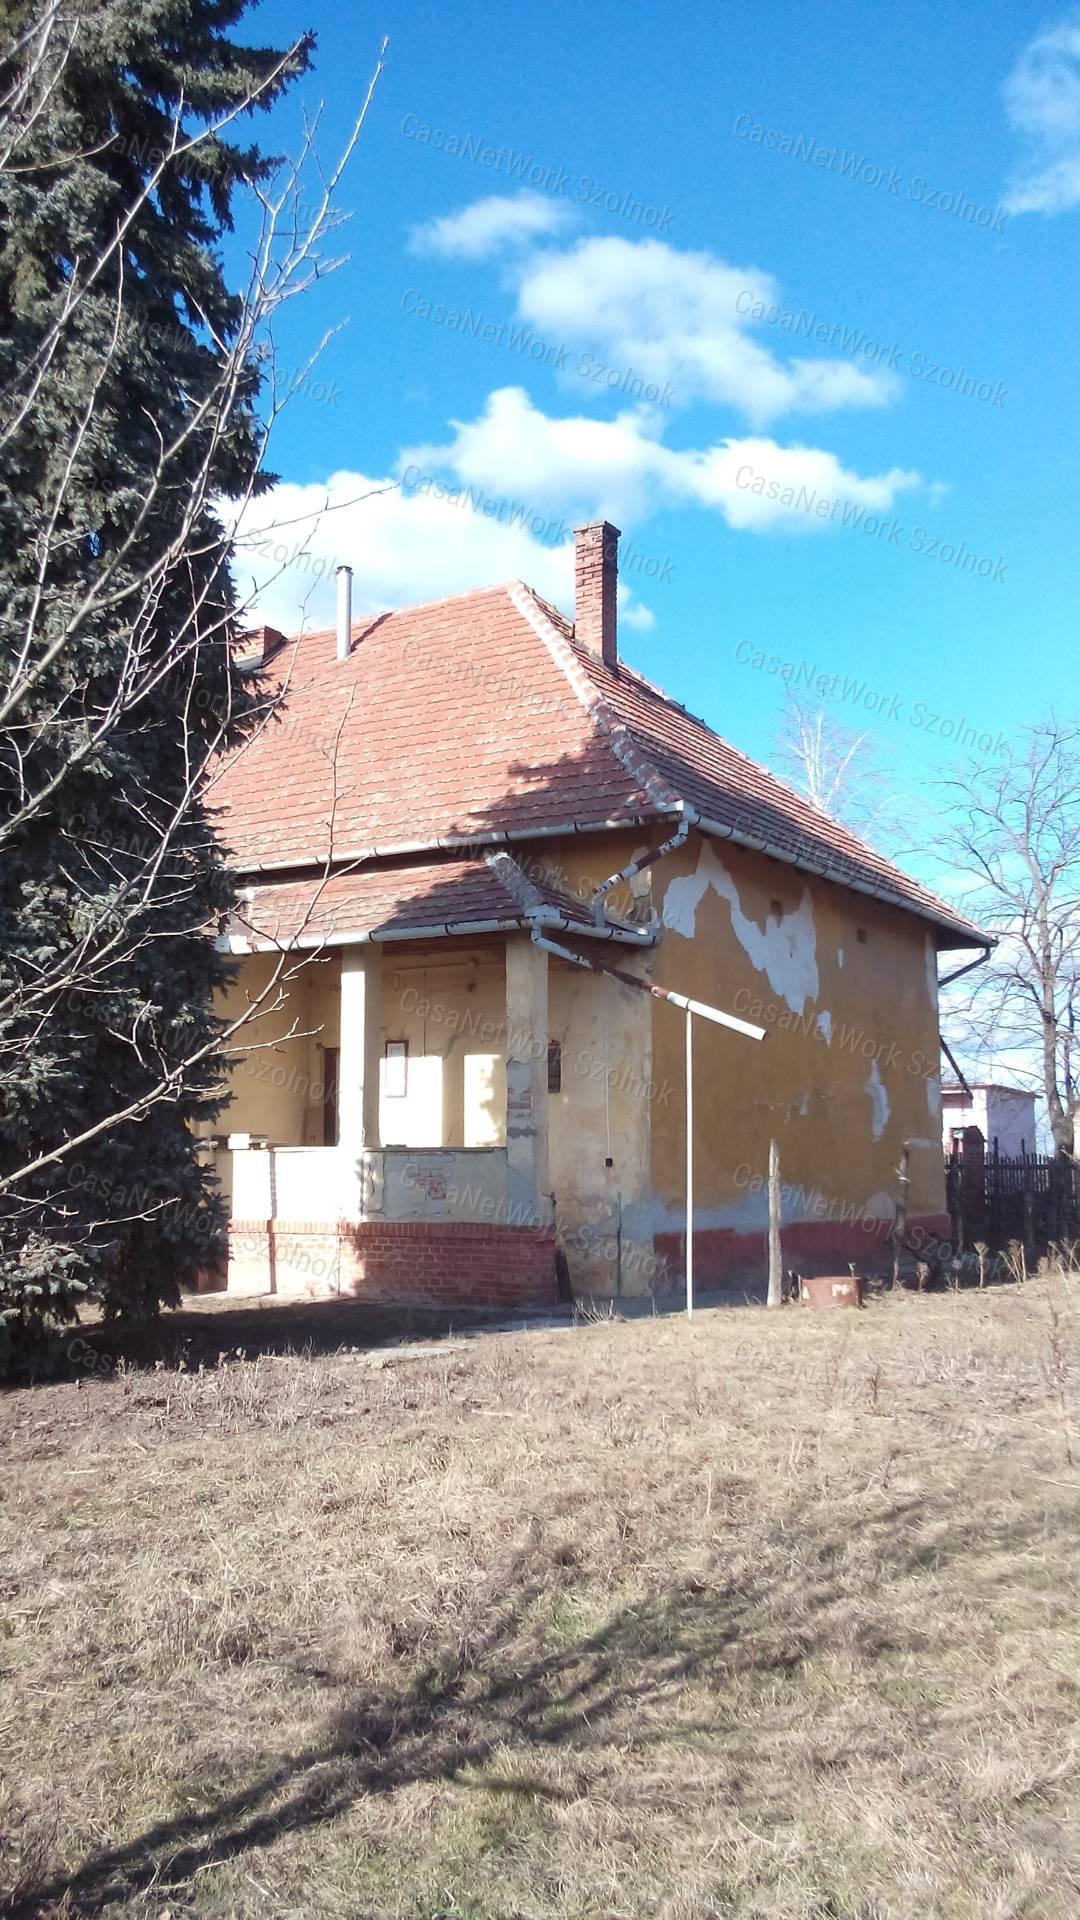 Eladó családi ház, Jász-Nagykun-Szolnok megye, Tiszaföldvár - sz.: 155802623 - CasaNetWork.hu